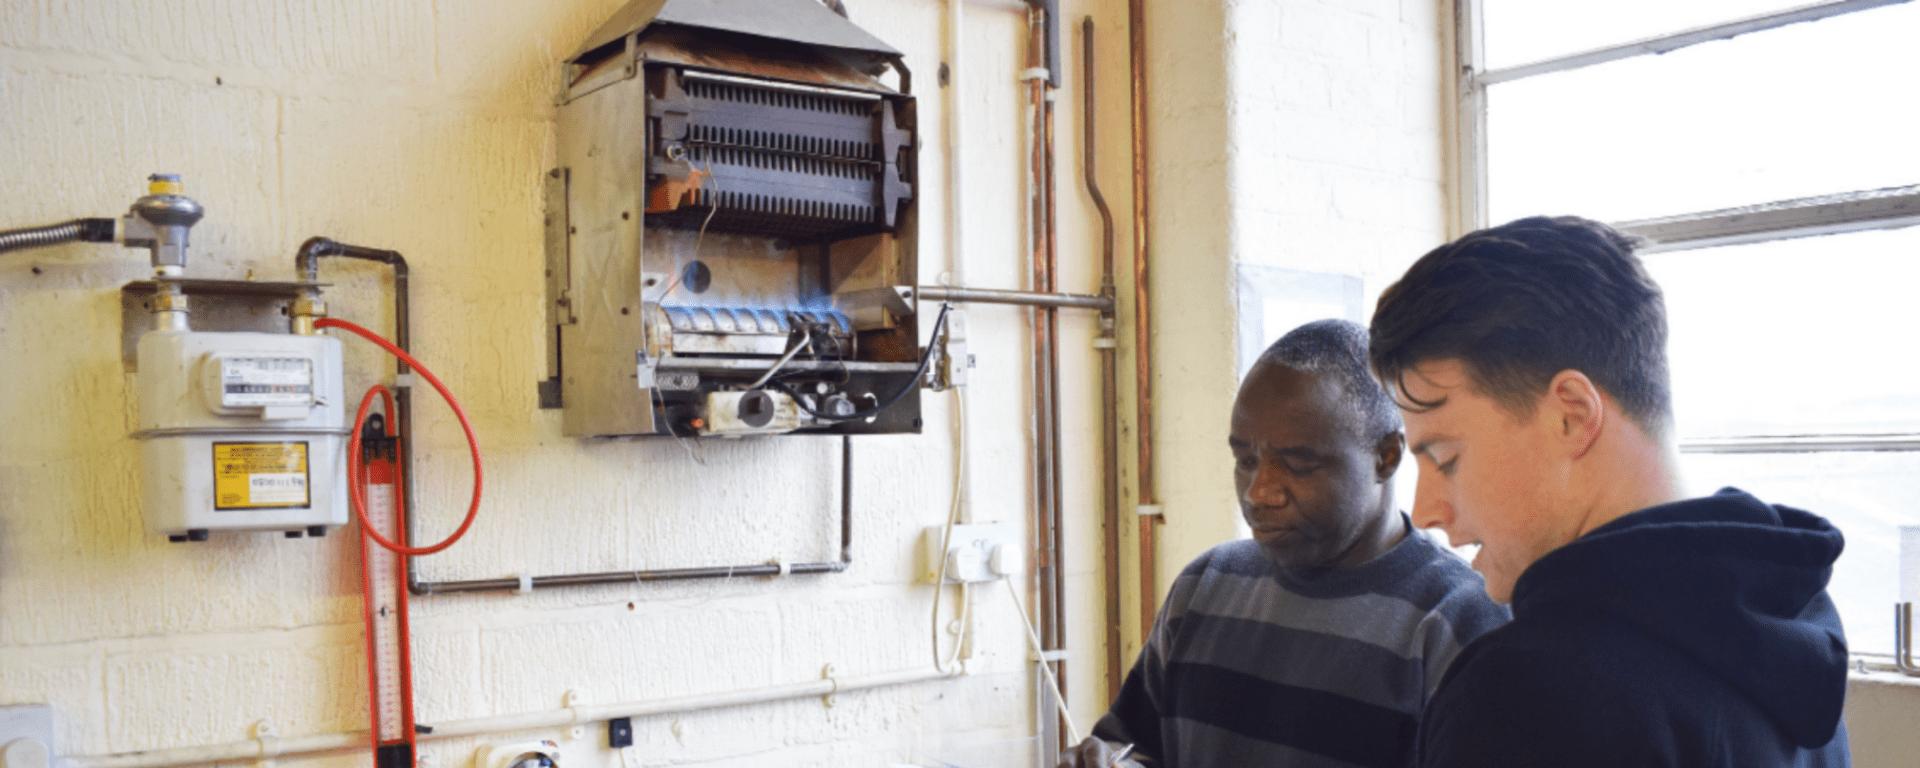 Gas Engineer Training